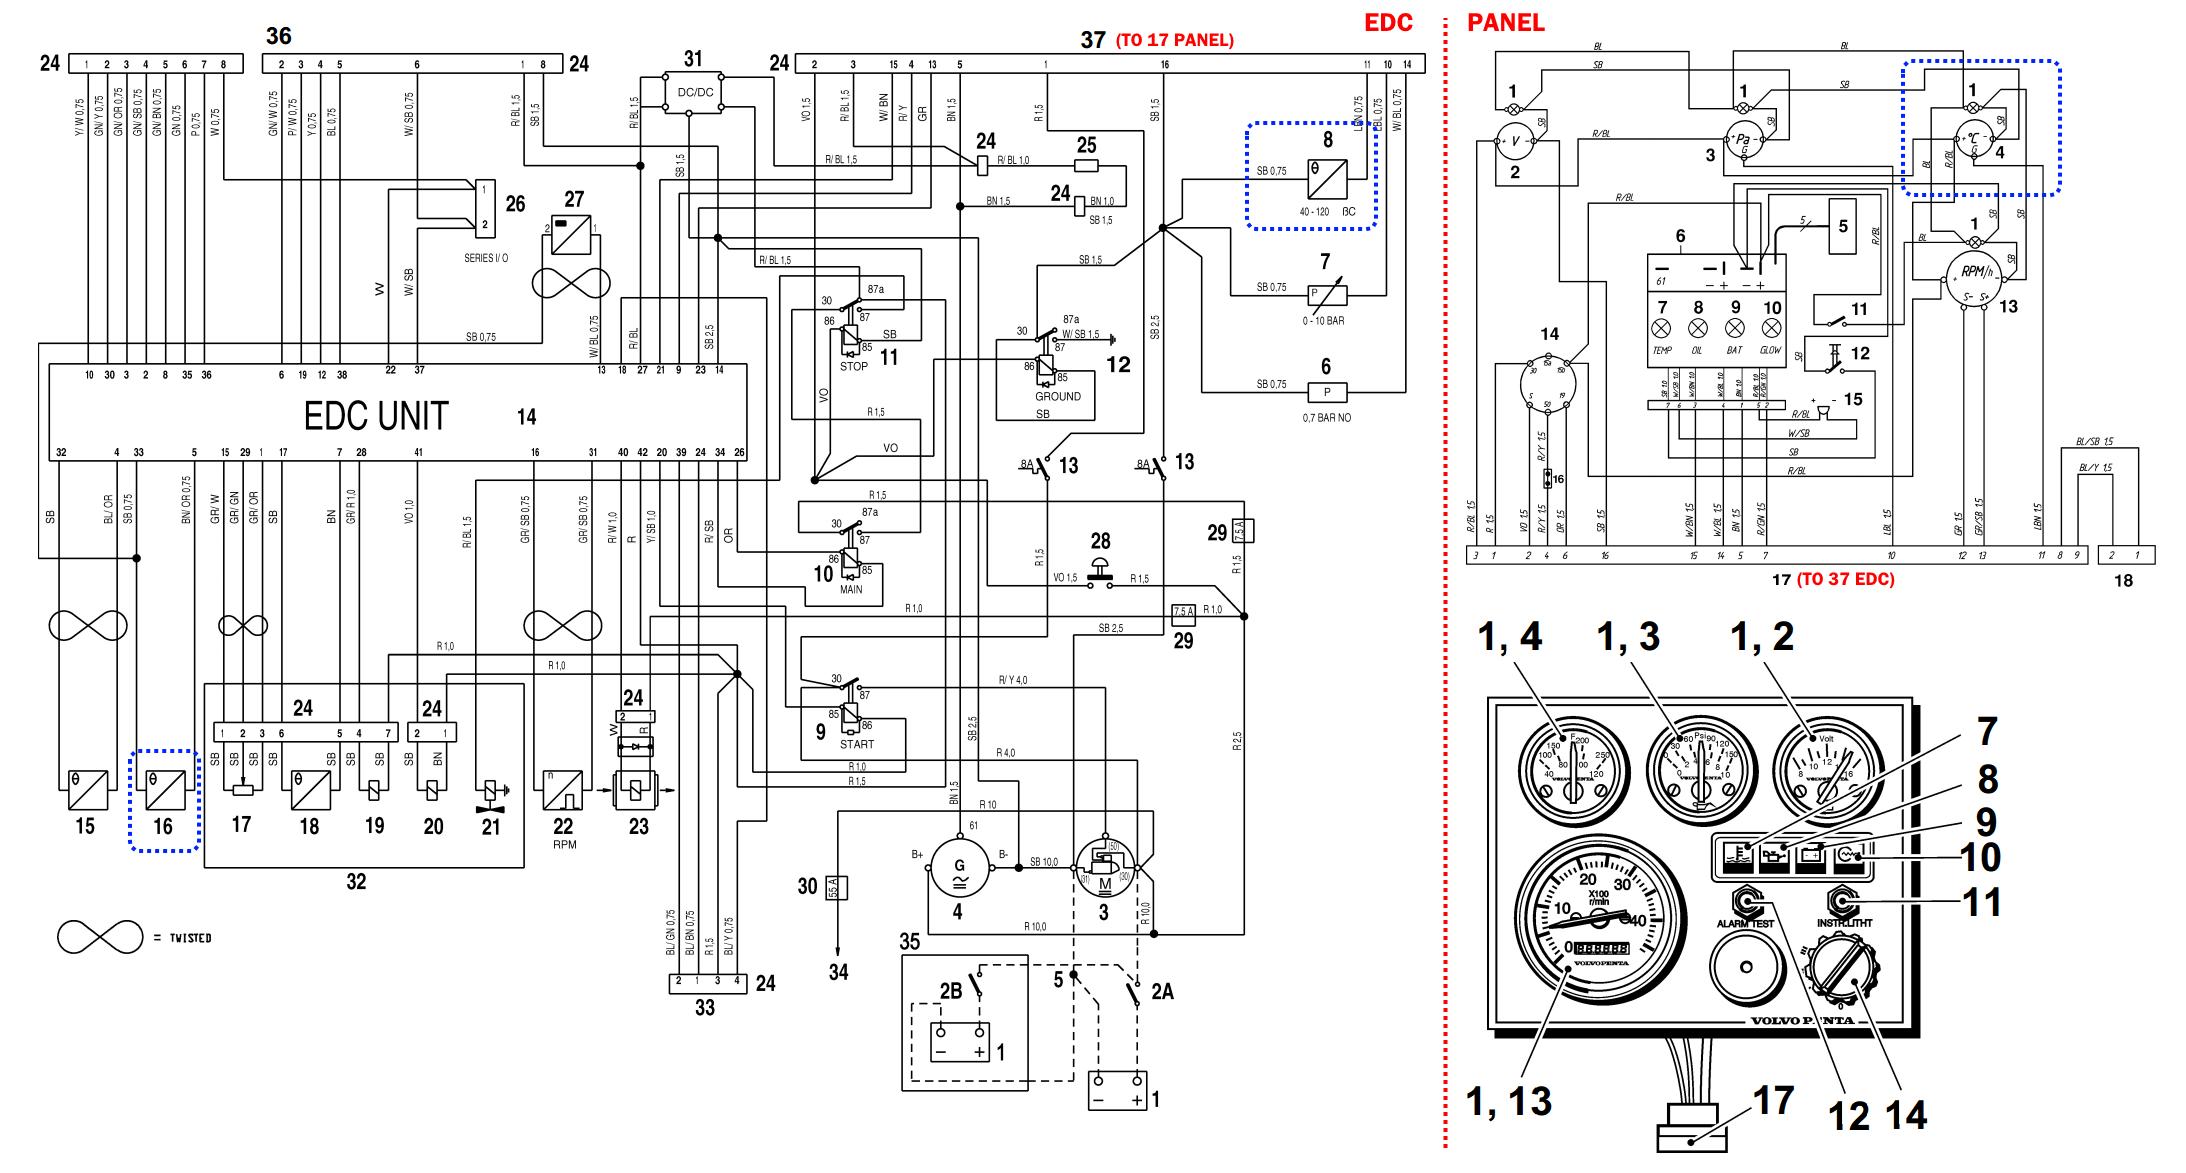 5 7 Wiring Volvo Diagram Penta Gsplkd - Wiring Diagram Data A C Schematic Wiring Diagram on